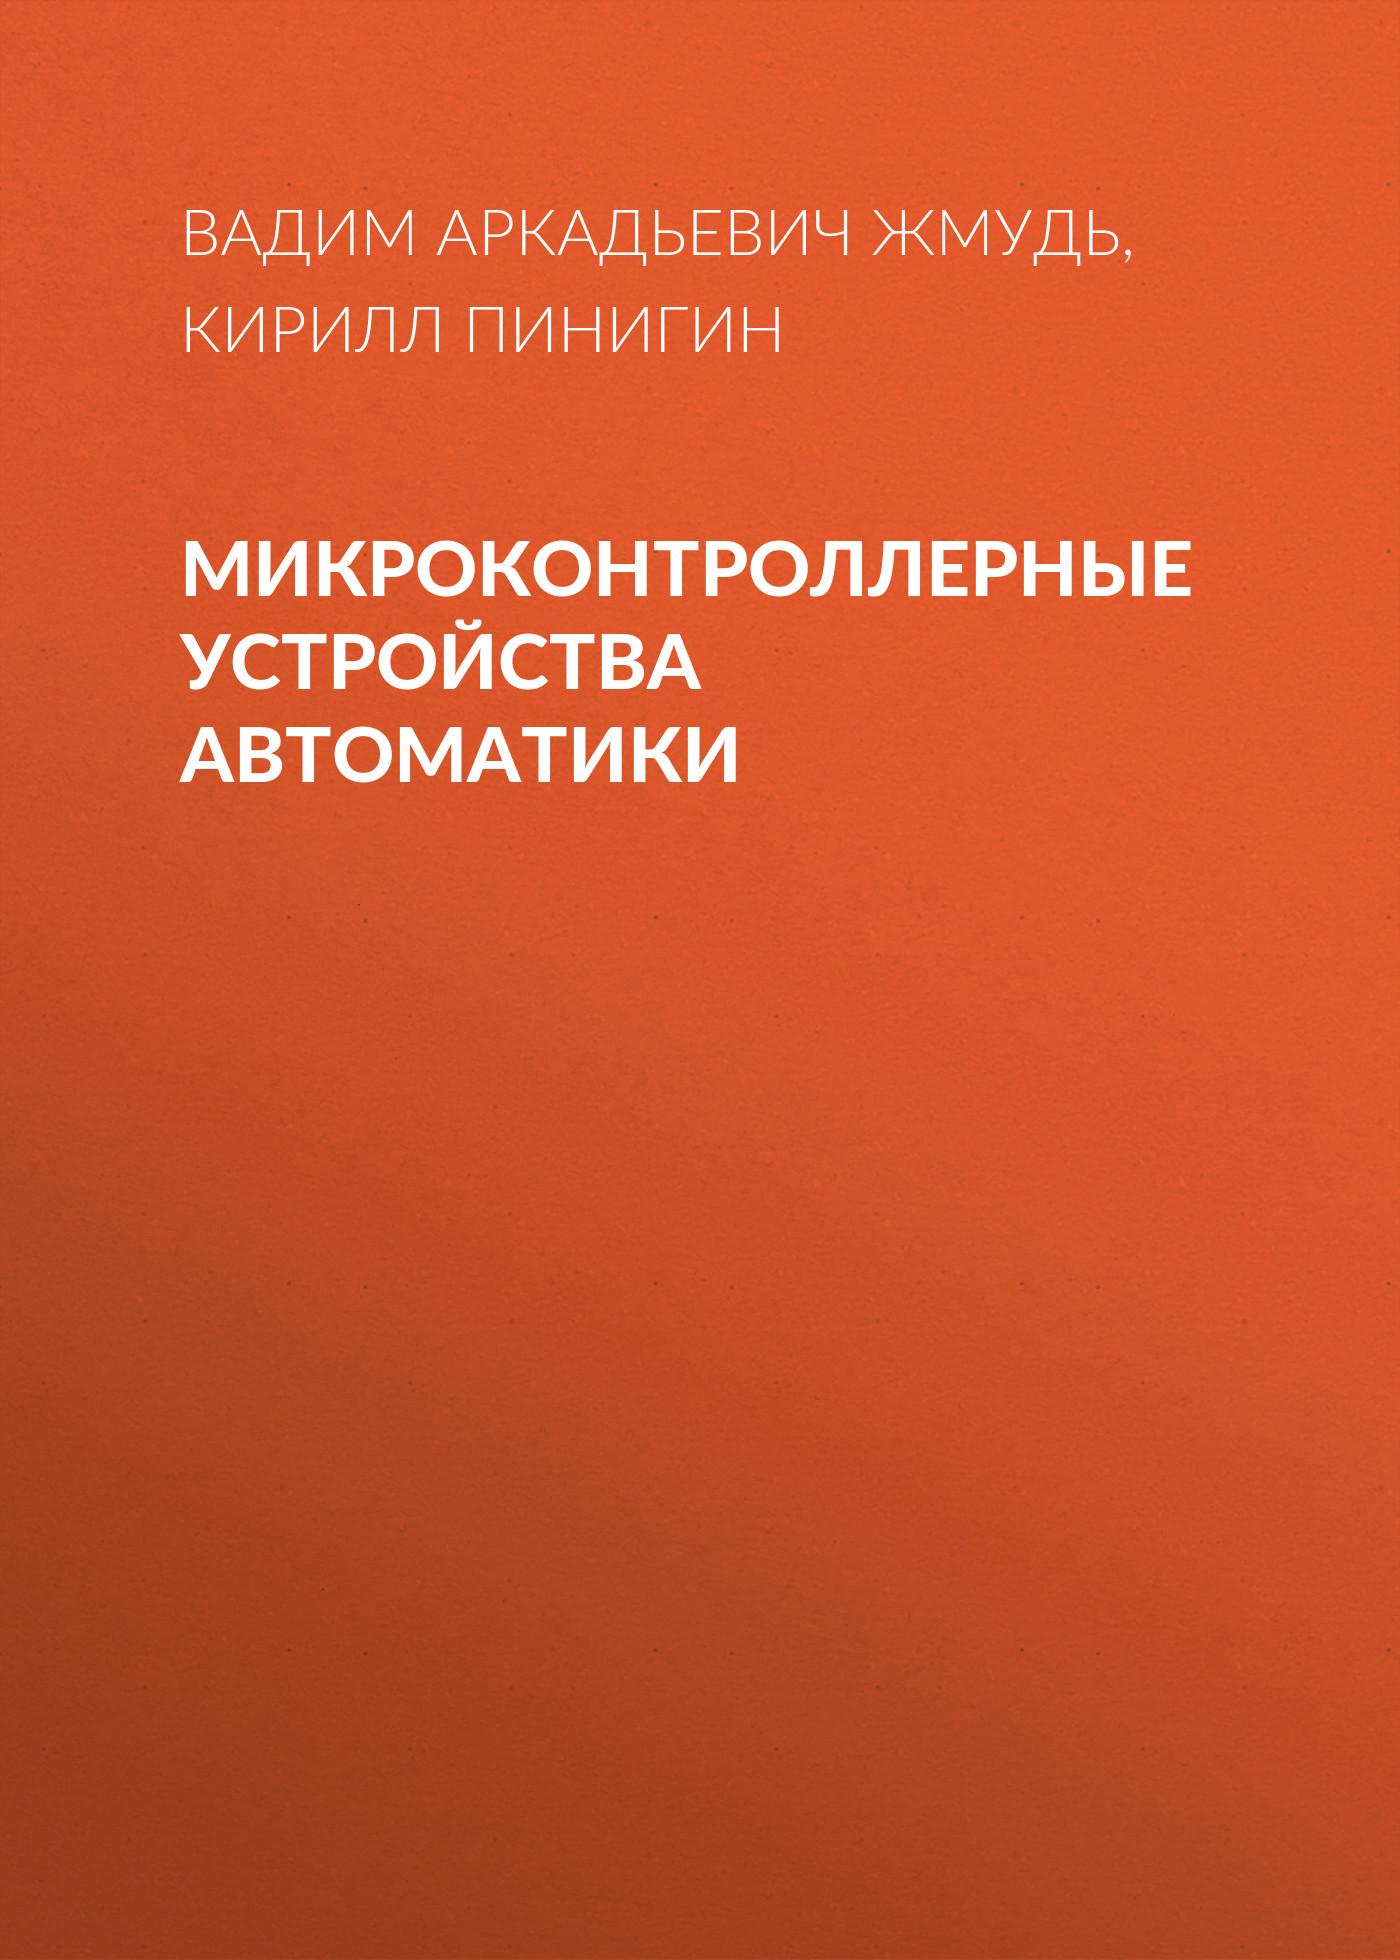 Вадим Аркадьевич Жмудь Микроконтроллерные устройства автоматики цена